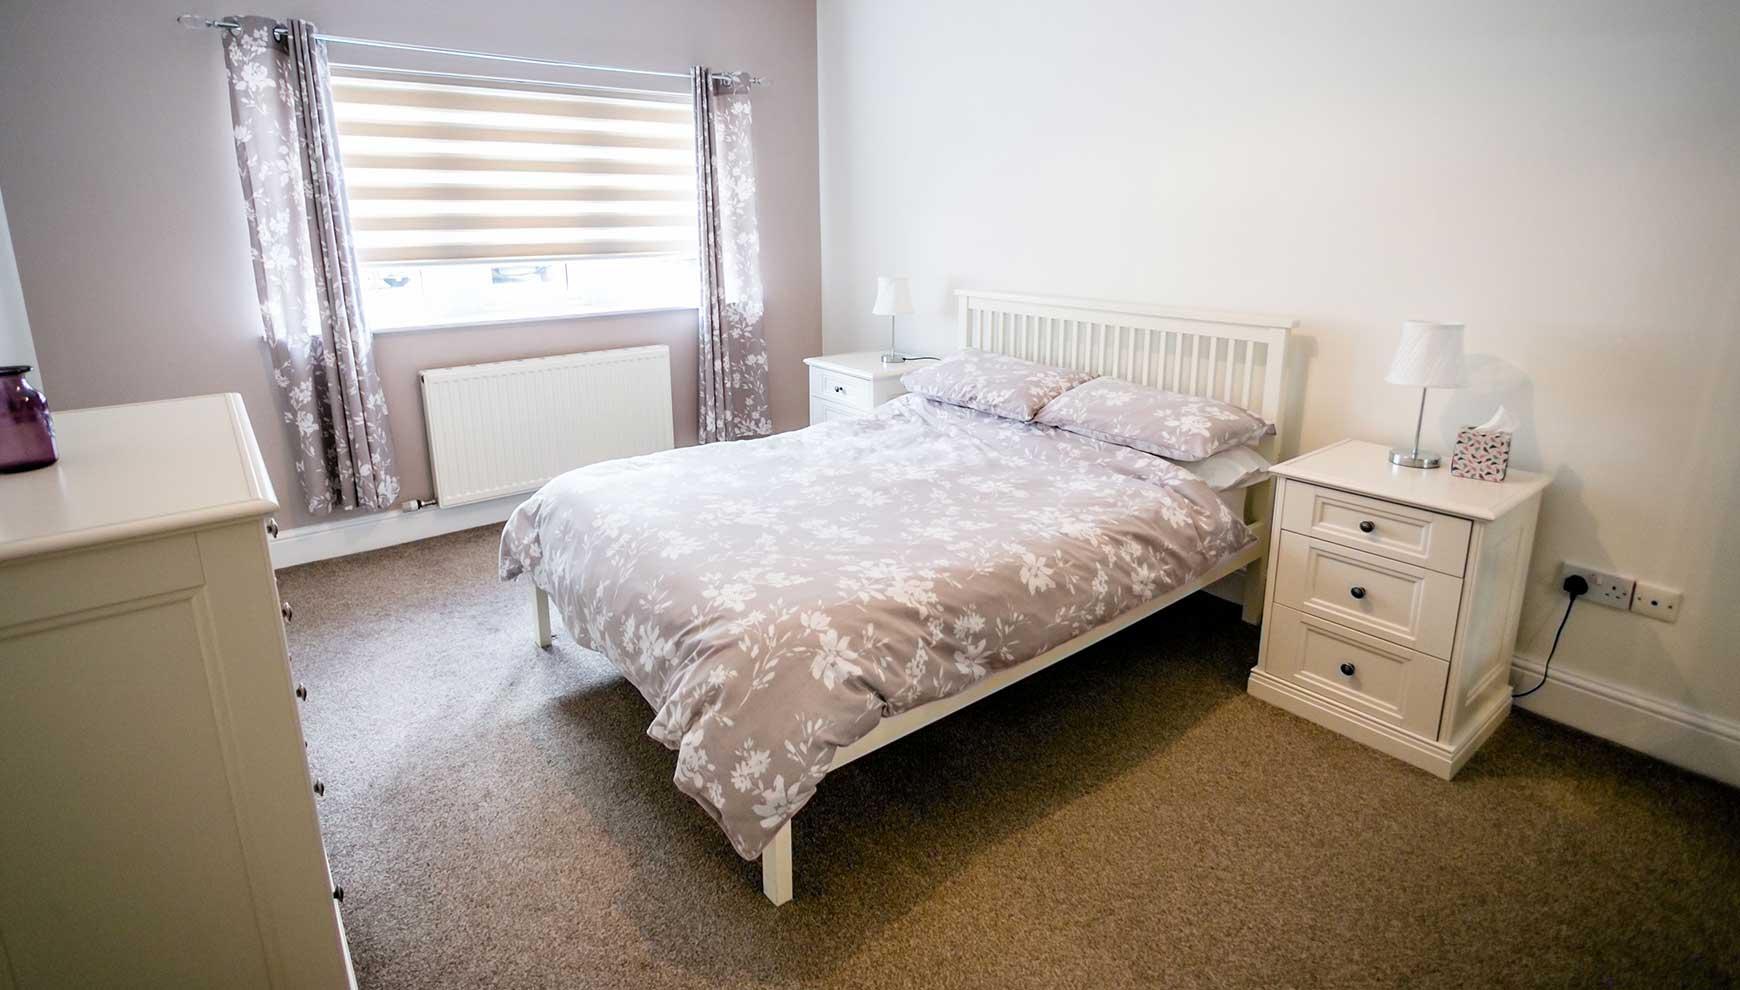 6/10 Double Bedroom